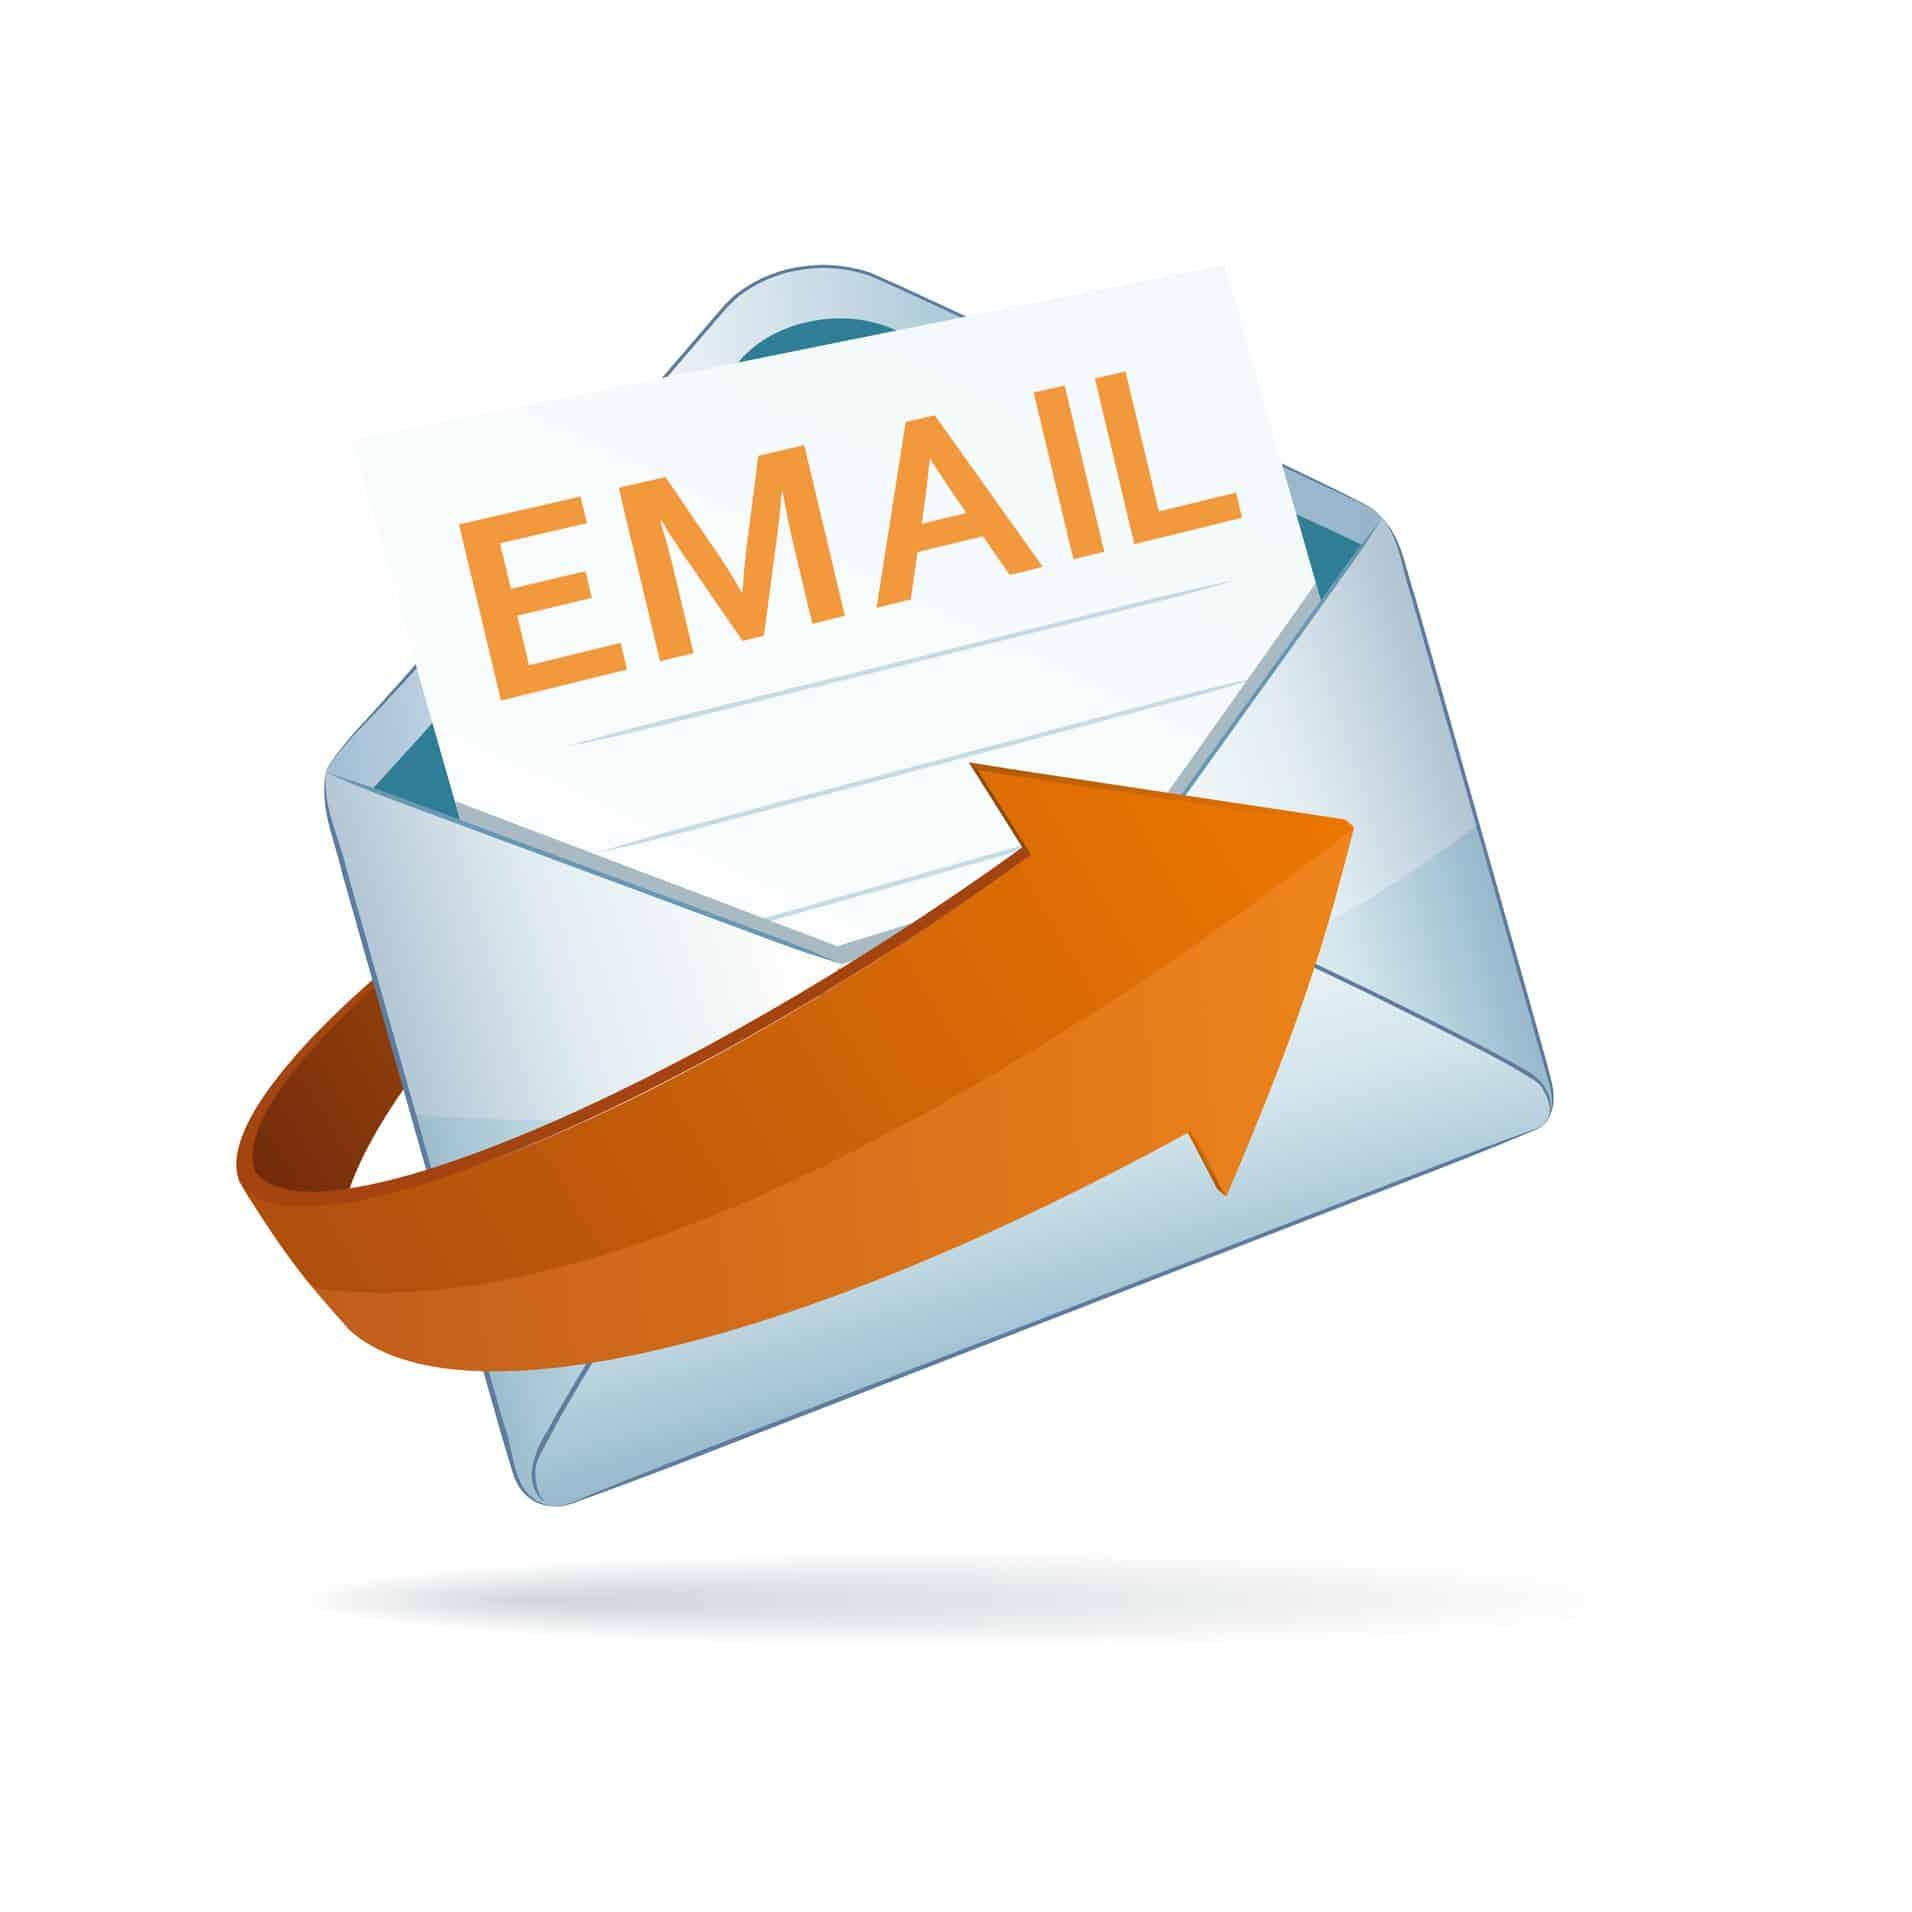 Emailing, trouvez ici toutes les meilleures possibilités du marché